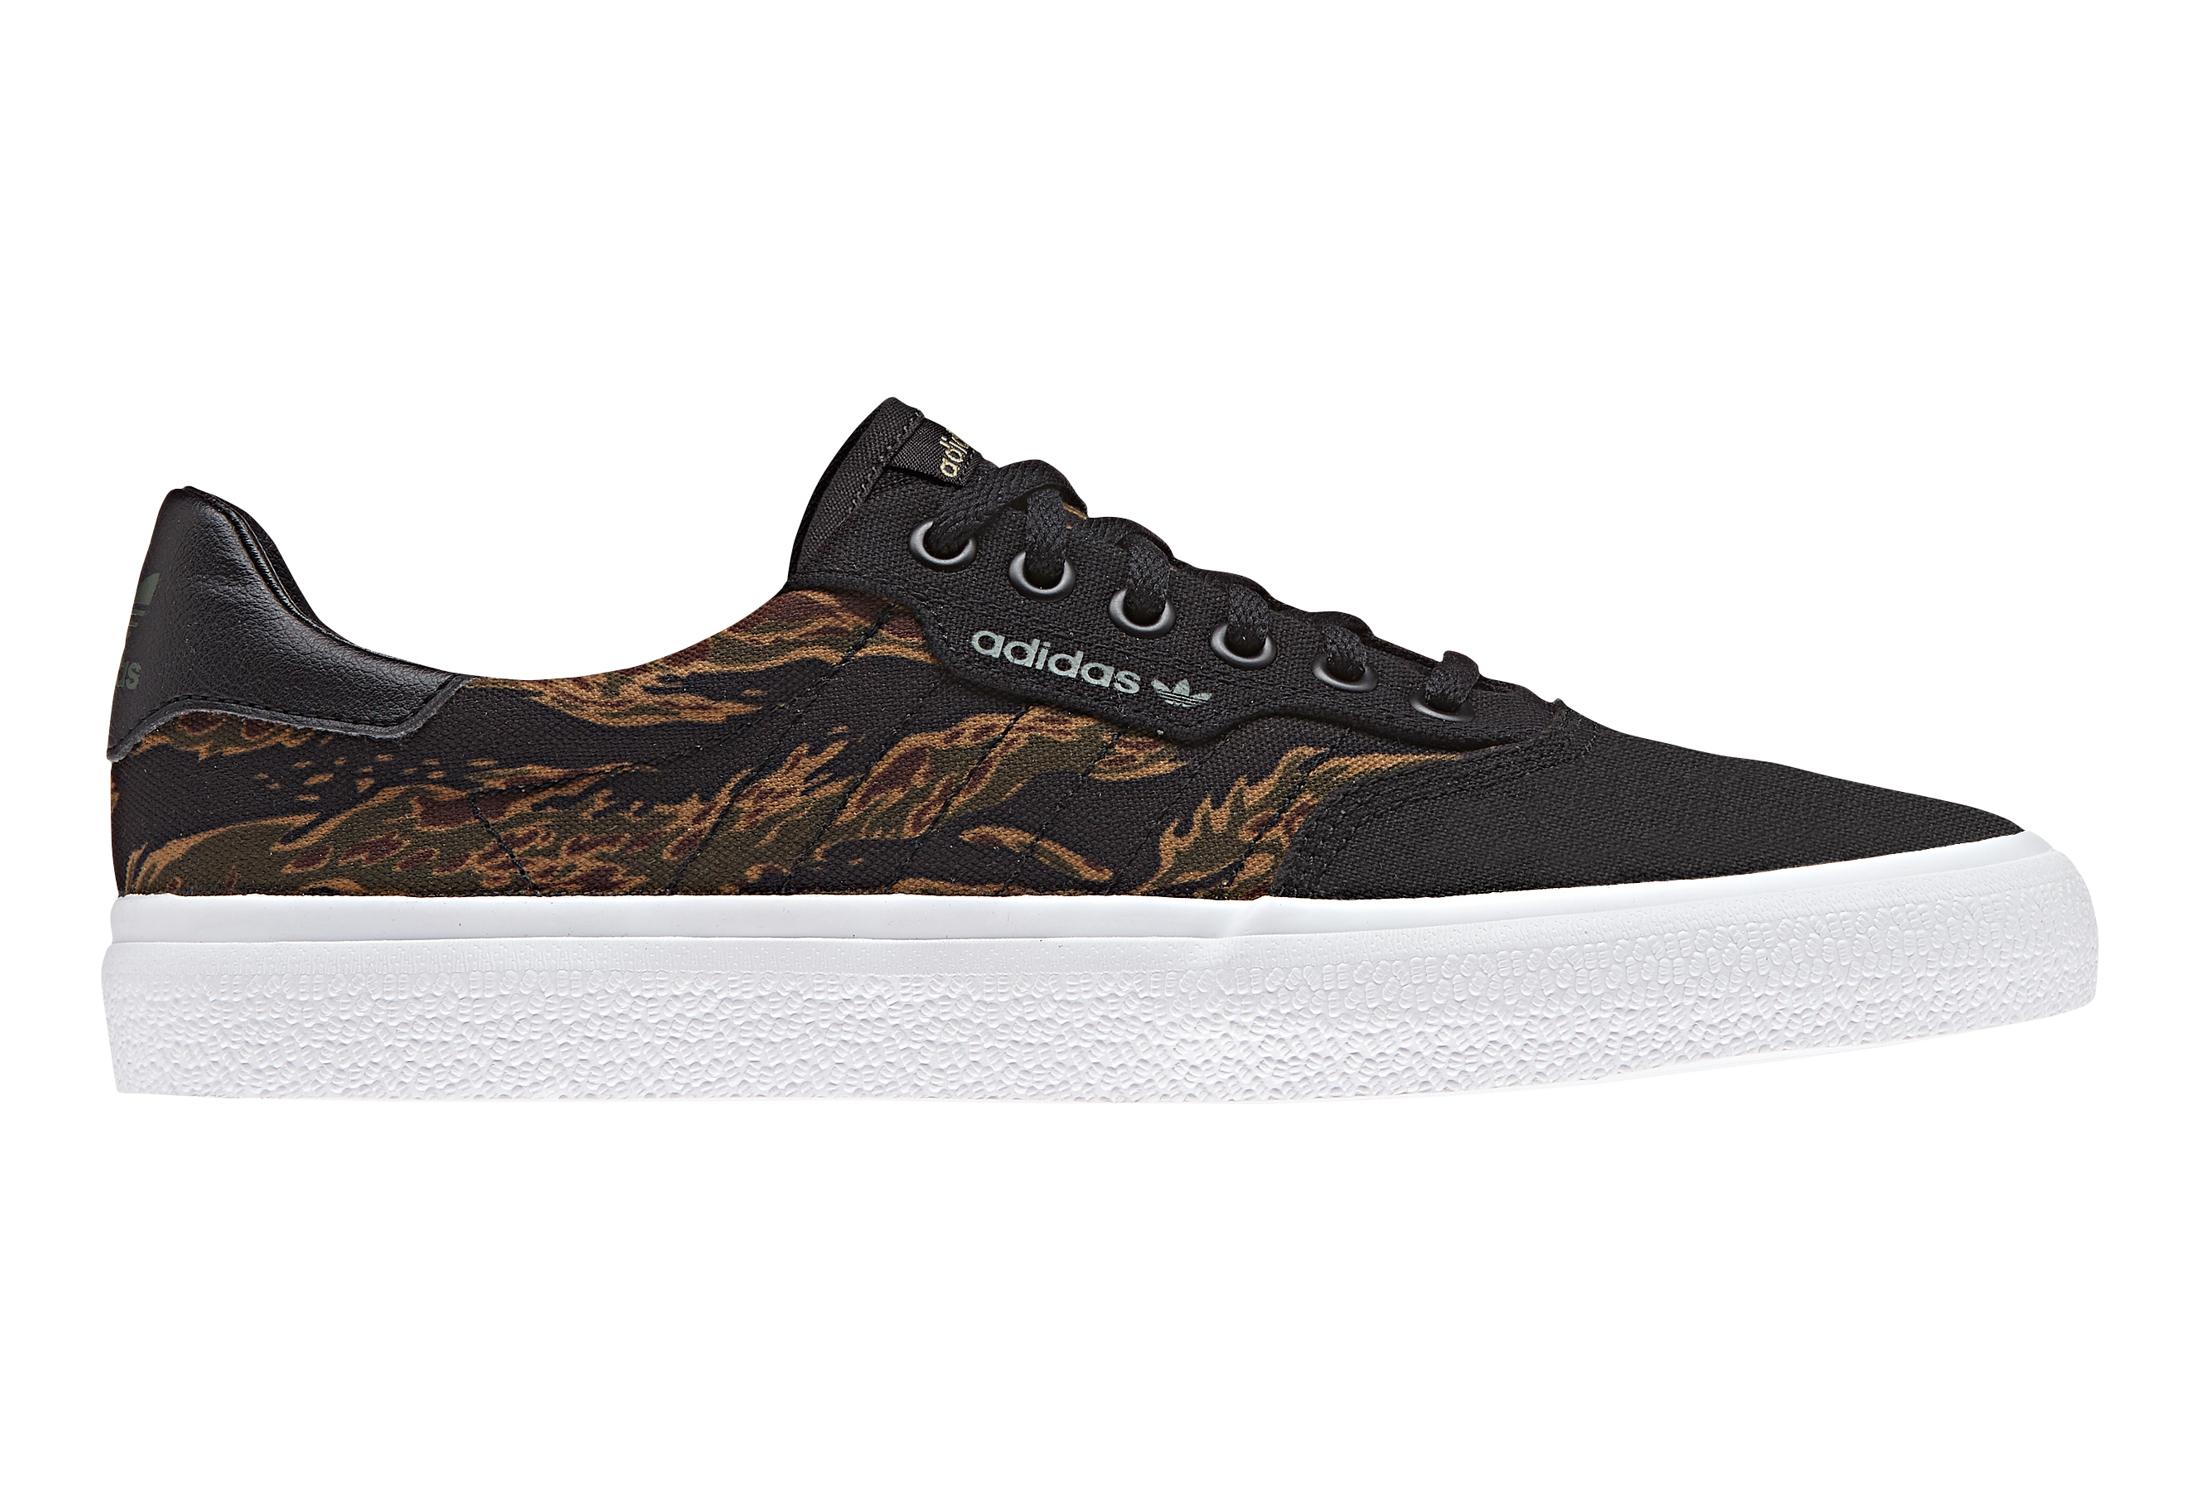 Adidas-LO-SKATEBOARD-3MC-Skate-Shoes-Scarpe-da-